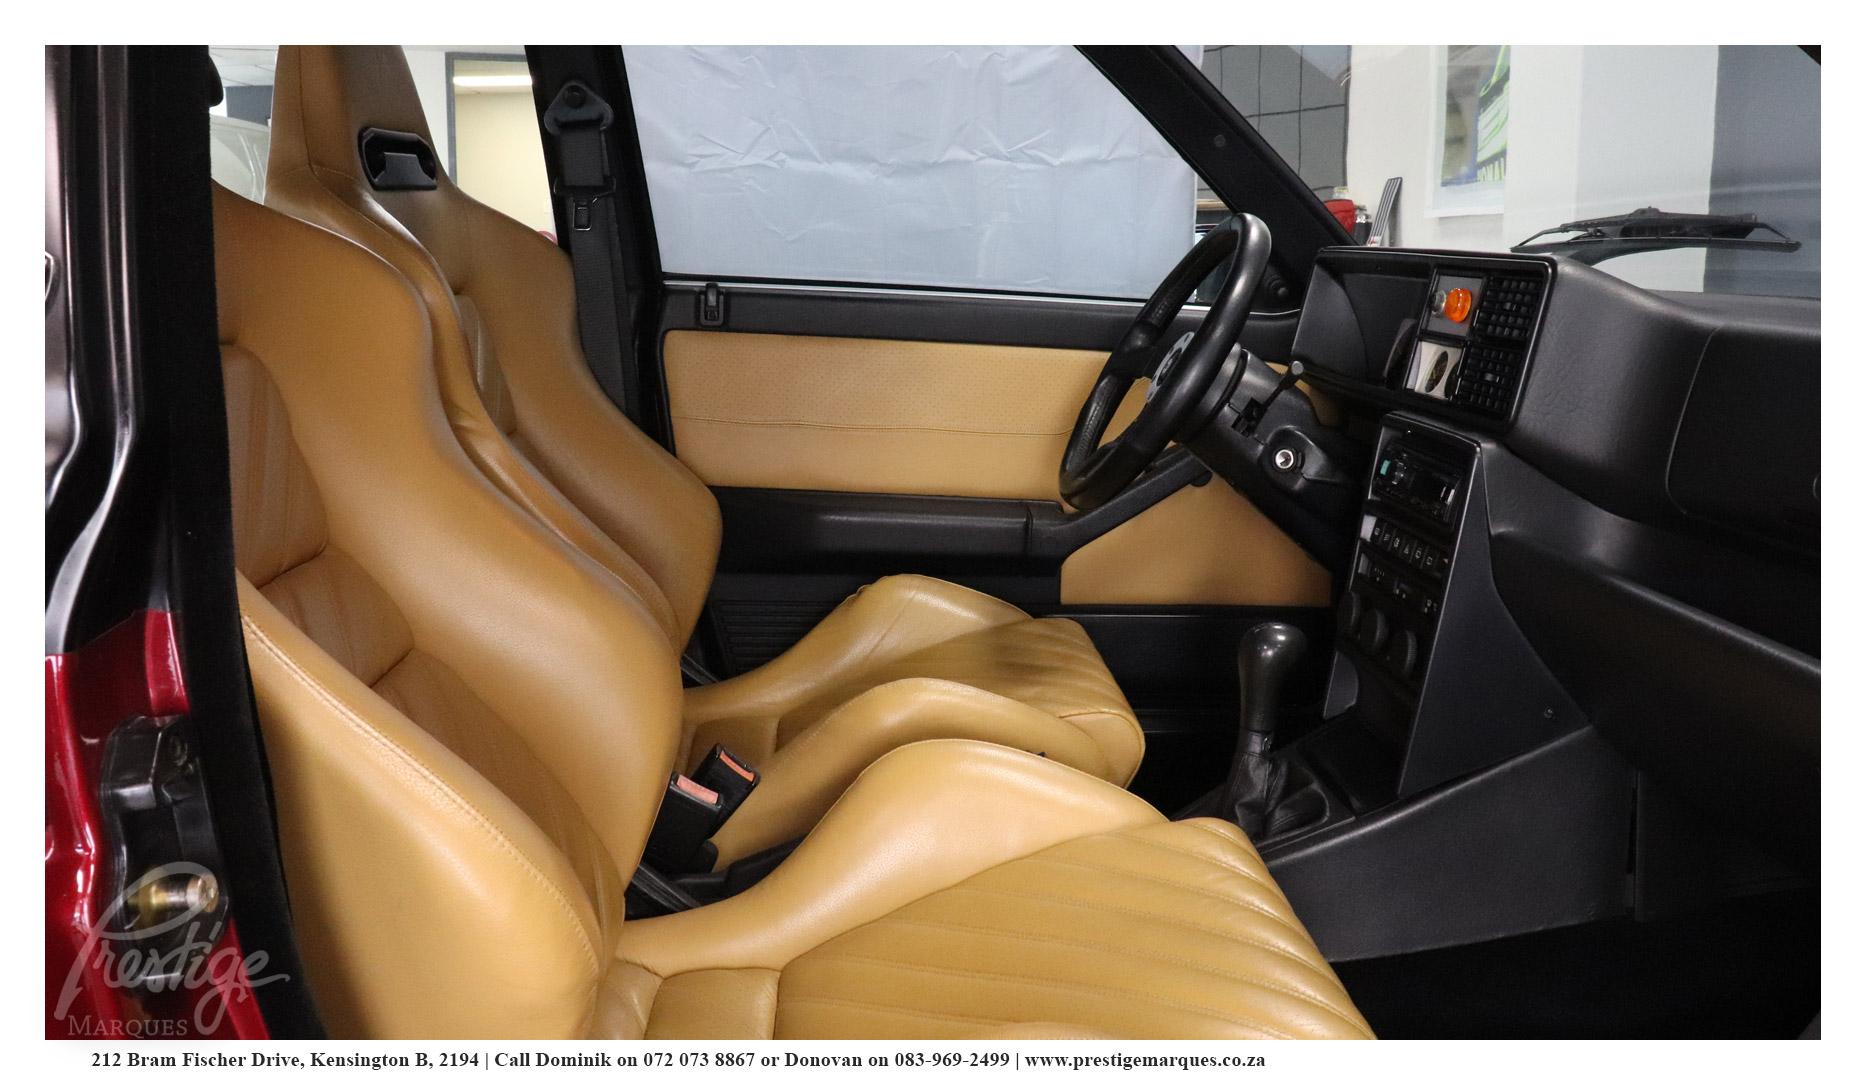 1995-Lancia-Delta-Integrale-Evo-2-Dealer-Collection-Prestige-Marques-Sandton-12